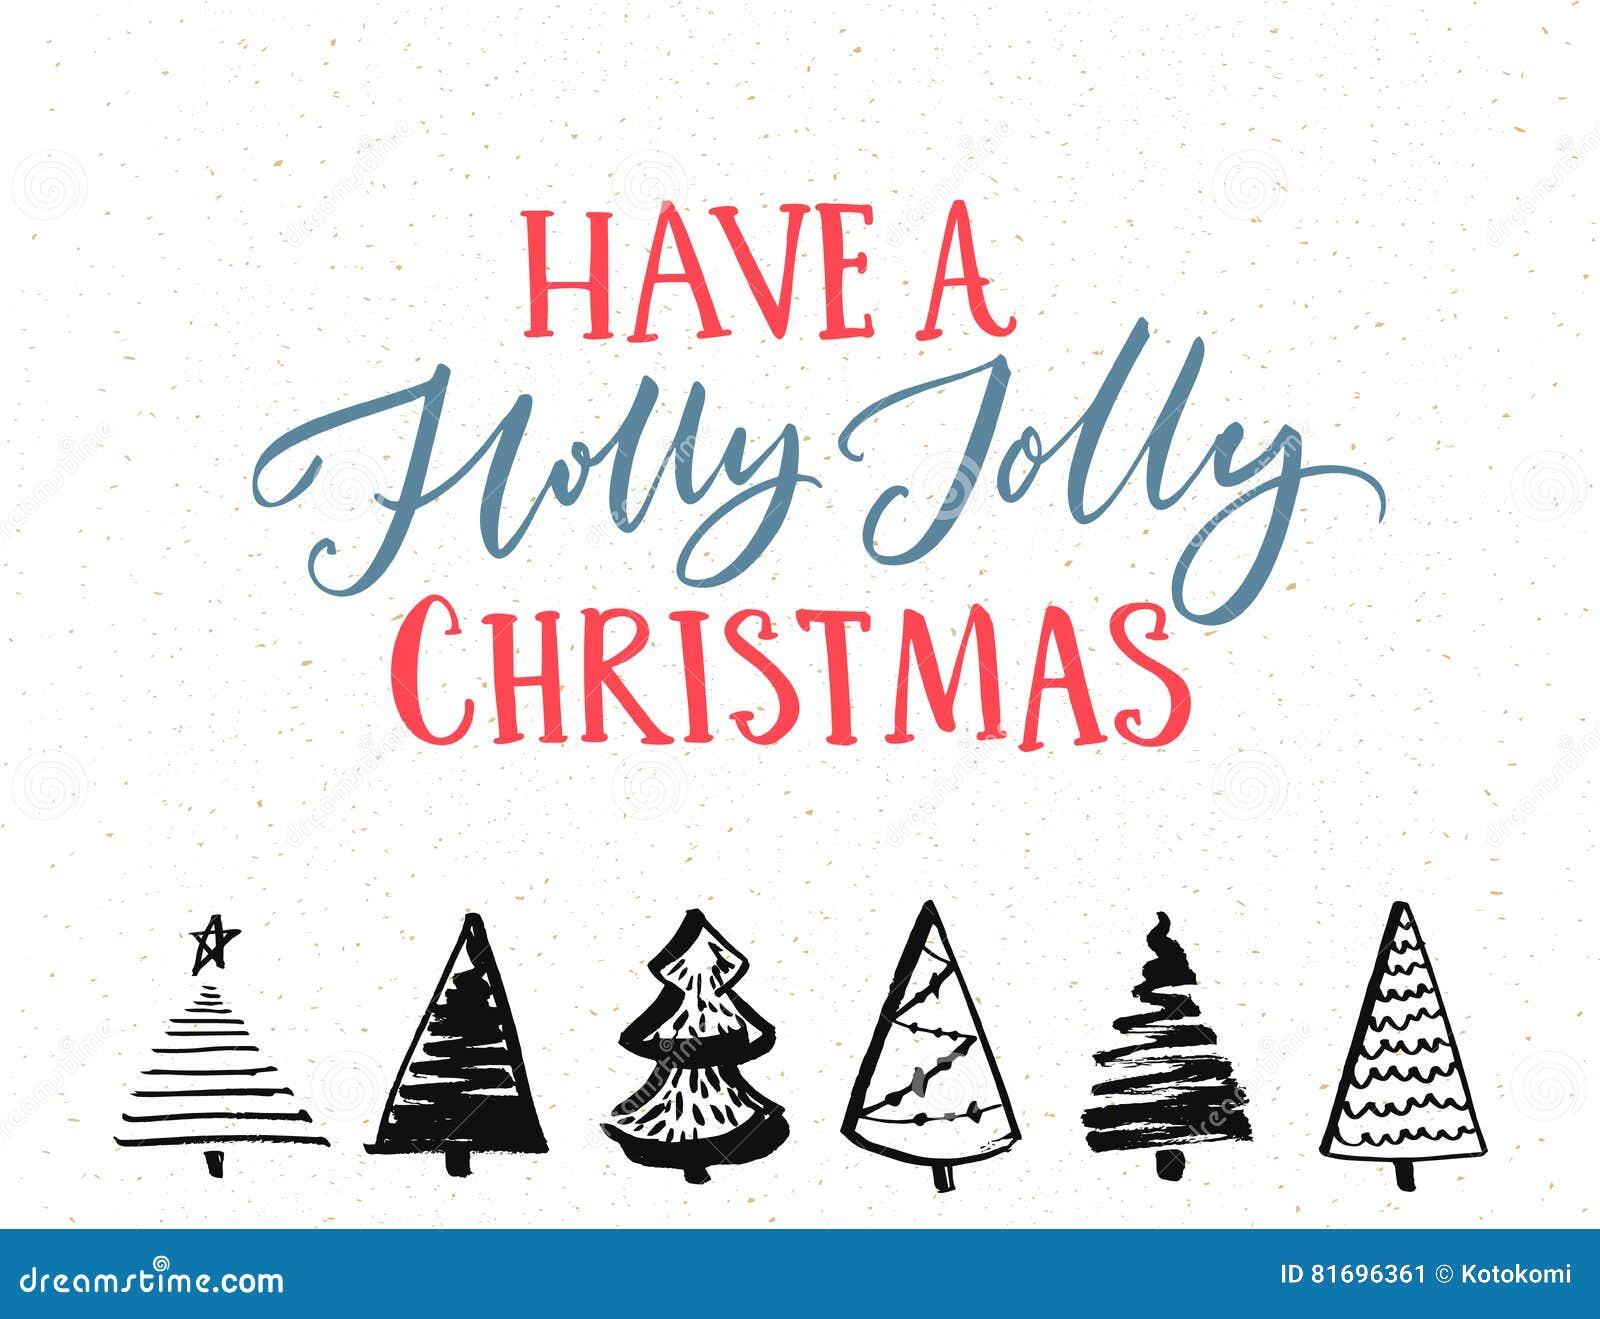 Tenga Holly Jolly Christmas Plantilla Del Vector De La Tarjeta De ...